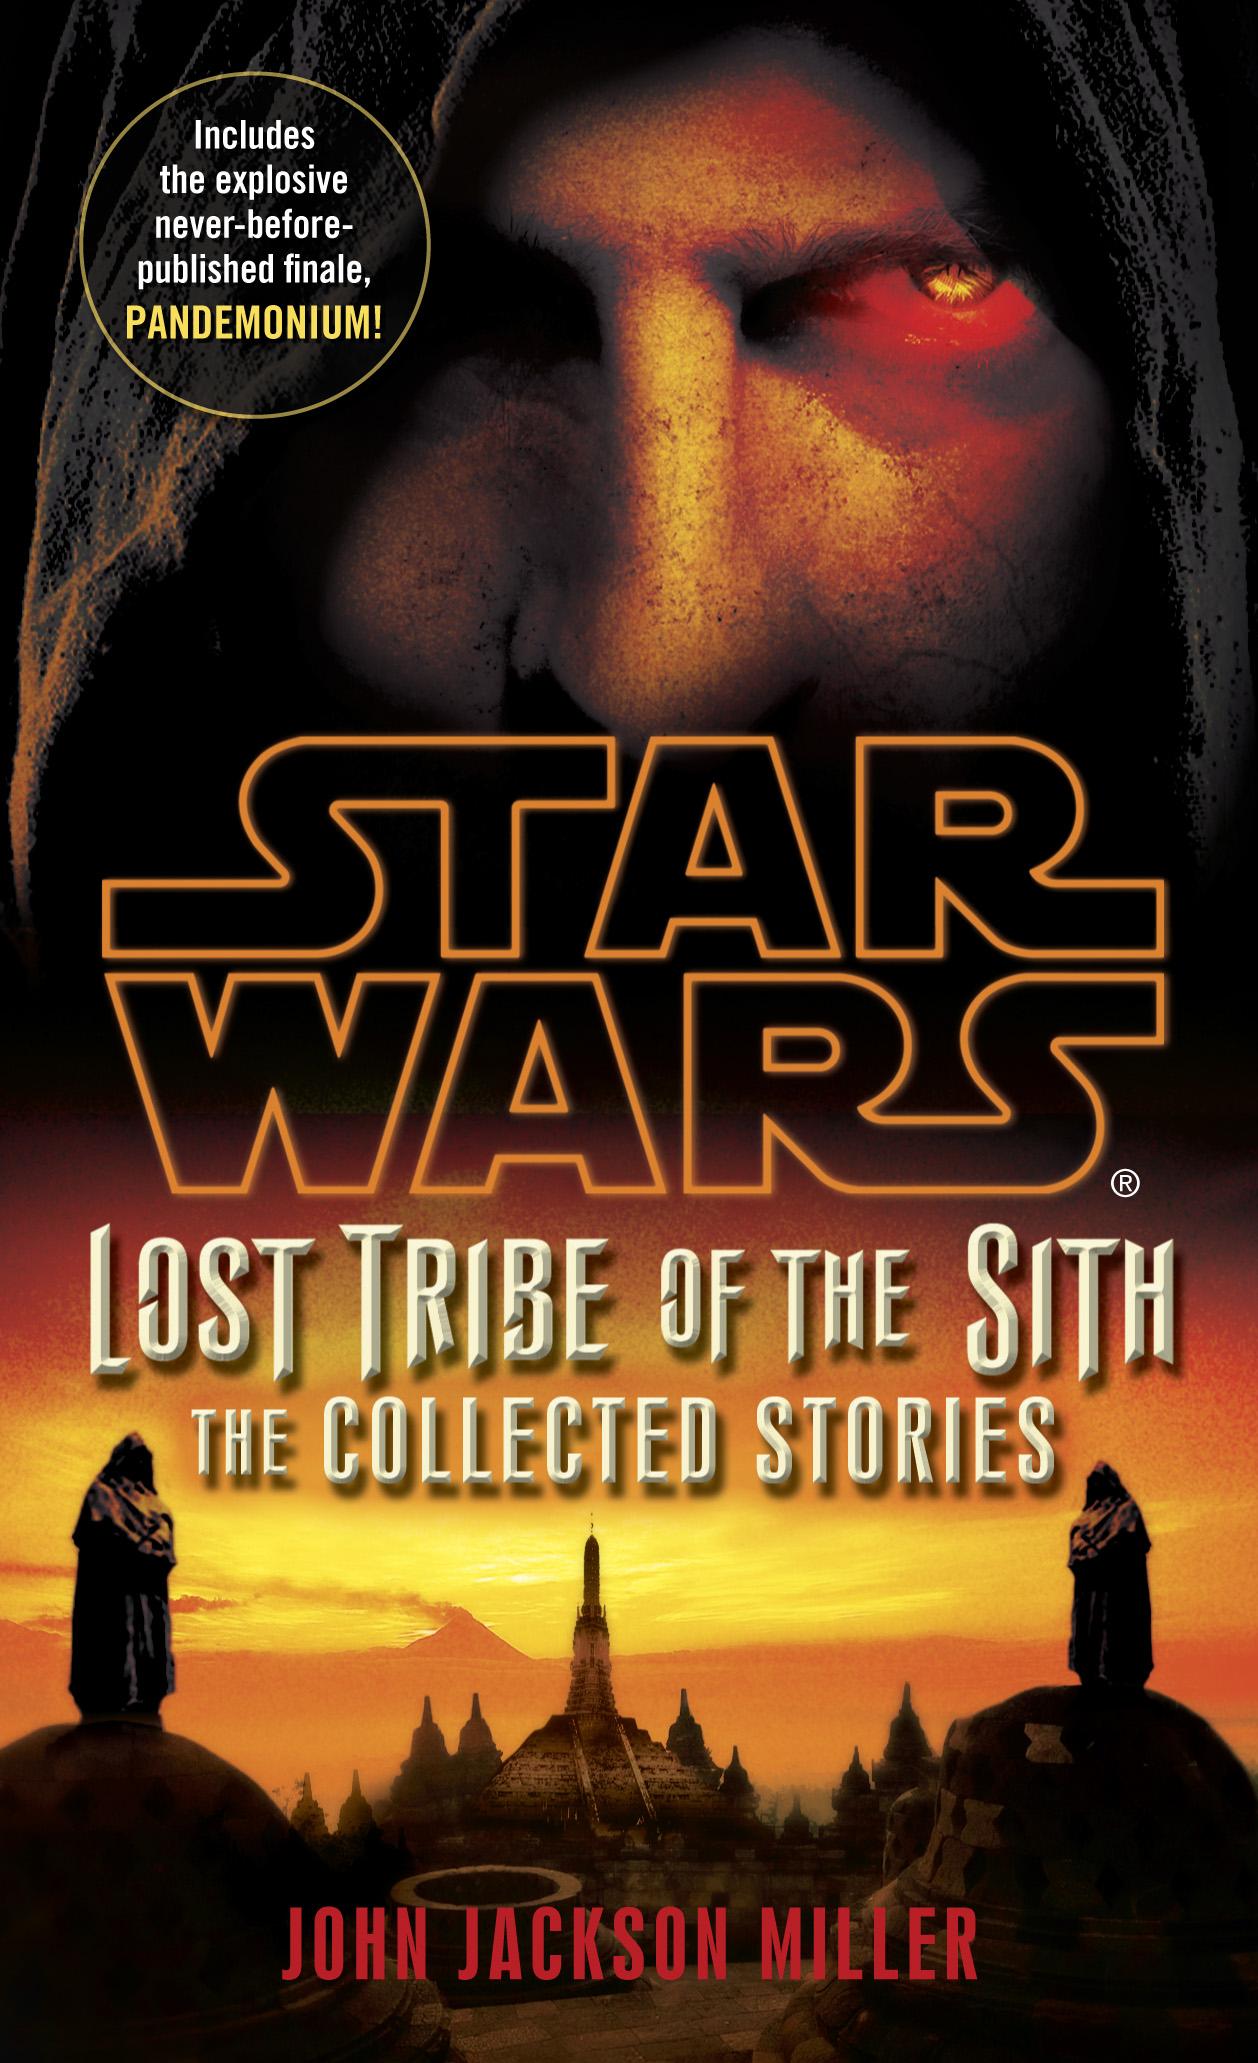 Звёздные войны: Затерянное племя ситхов